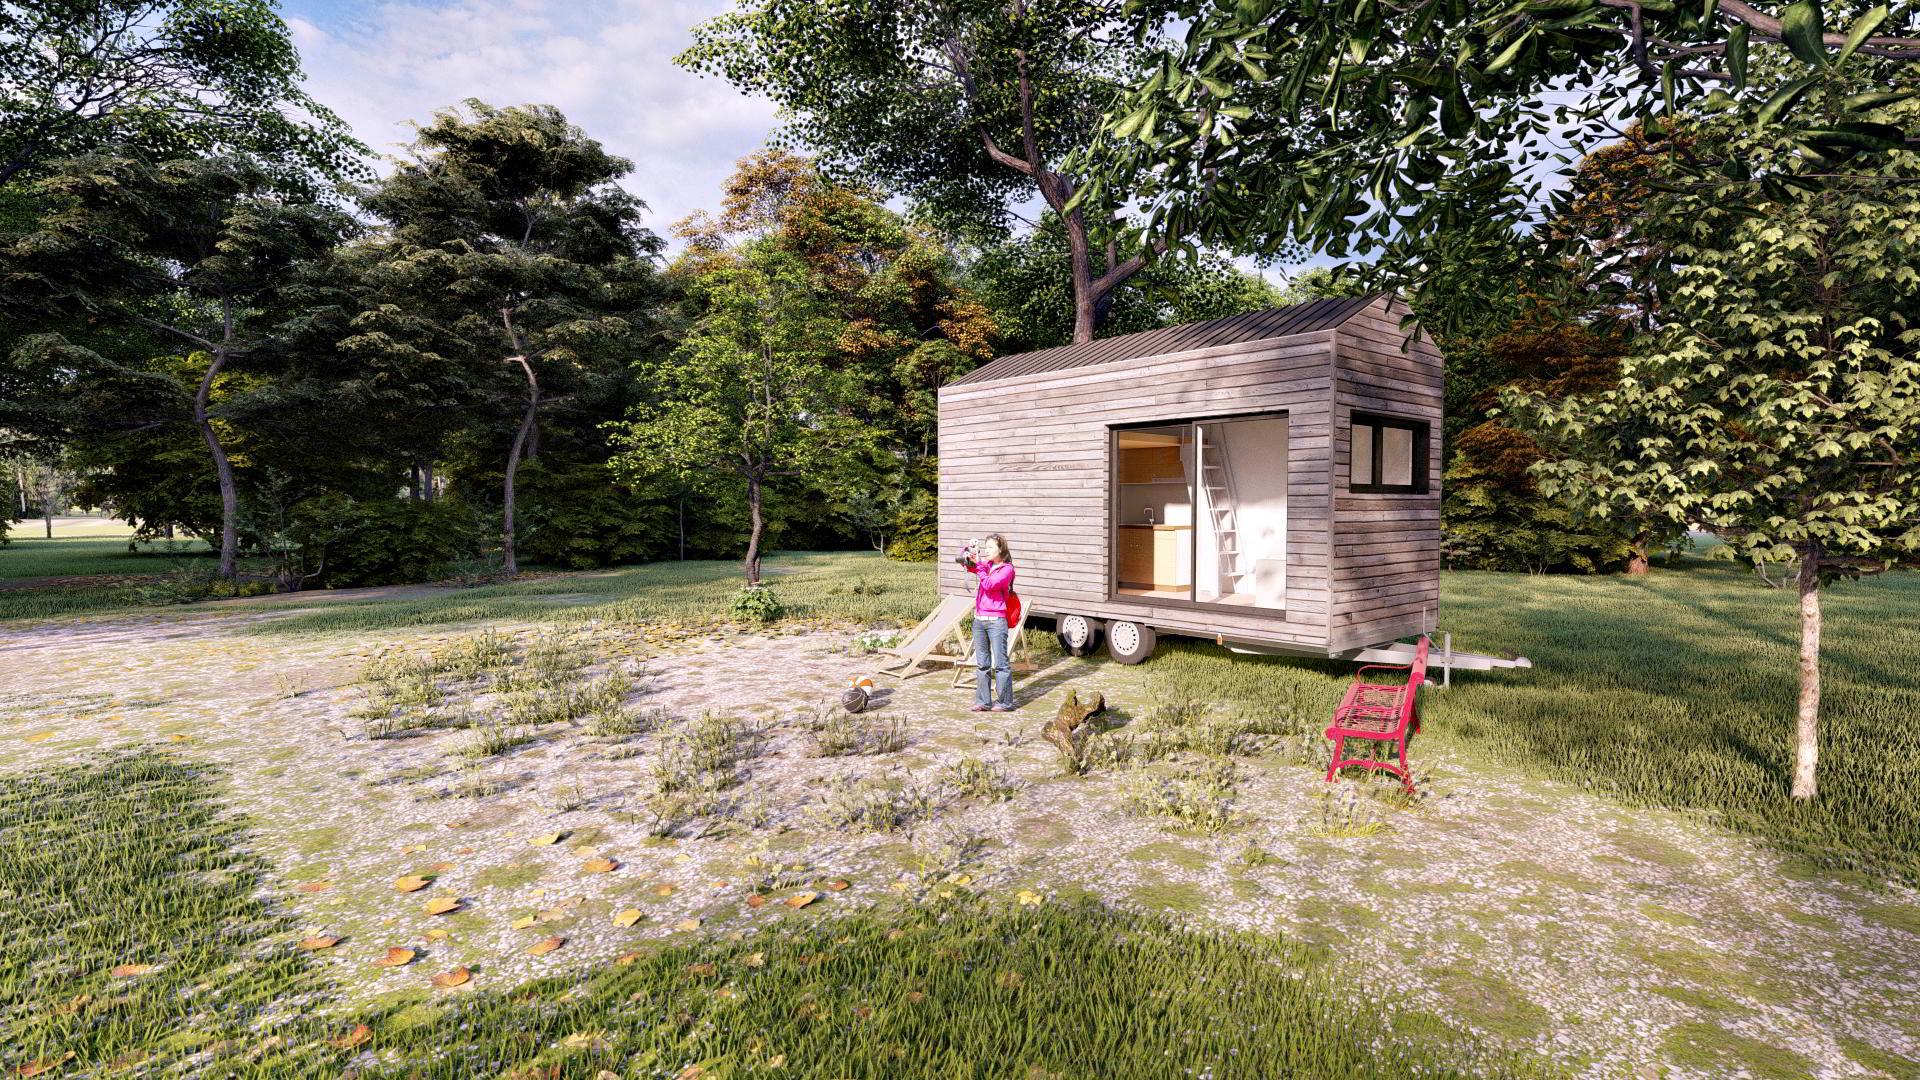 Seriez-vous intéressés par une Tiny House?